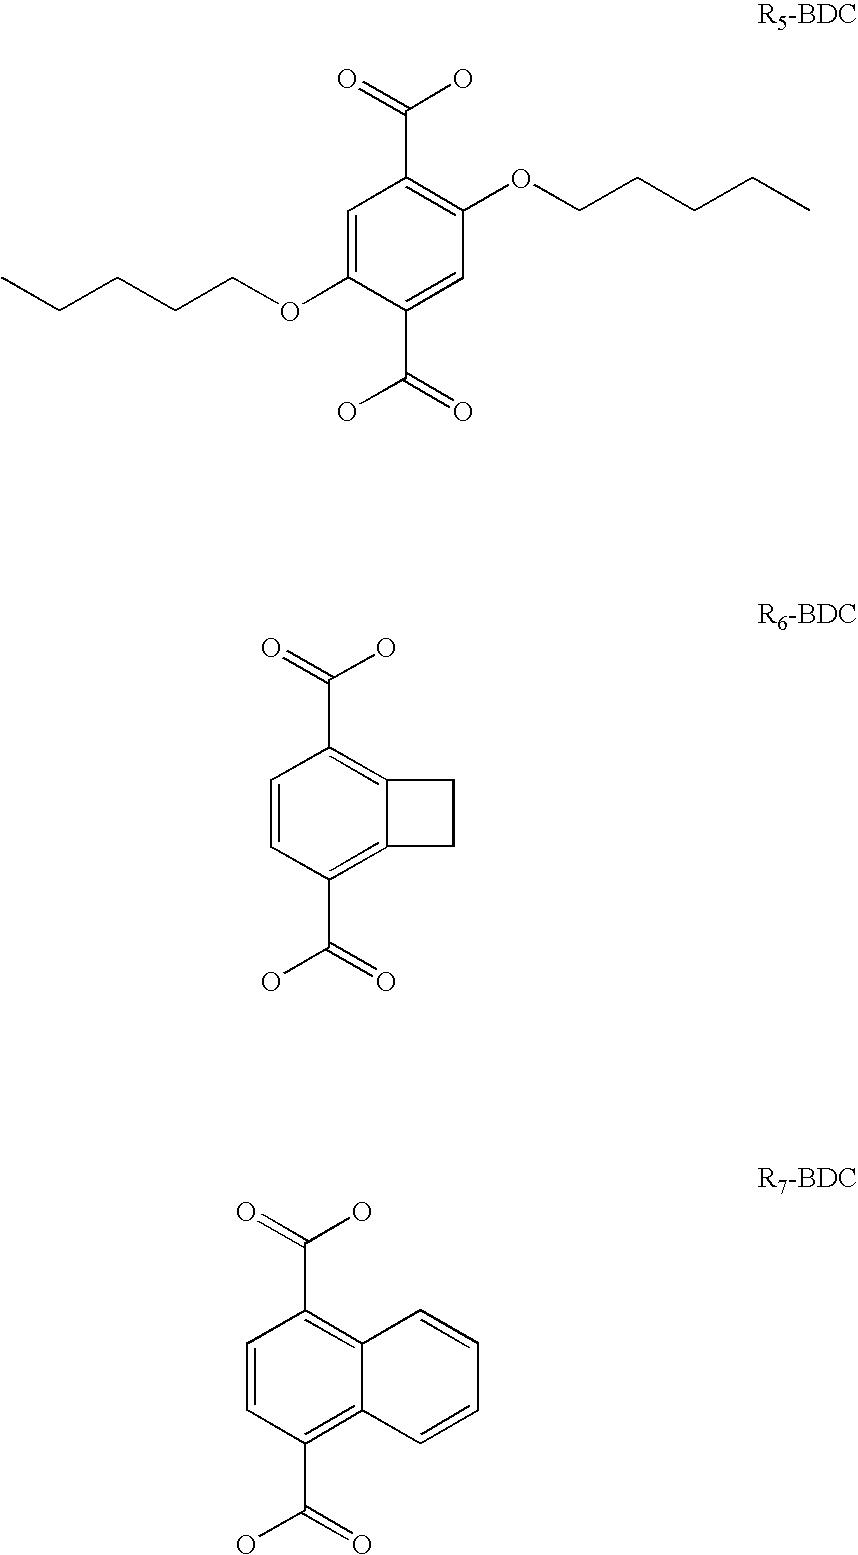 Figure US07637983-20091229-C00002